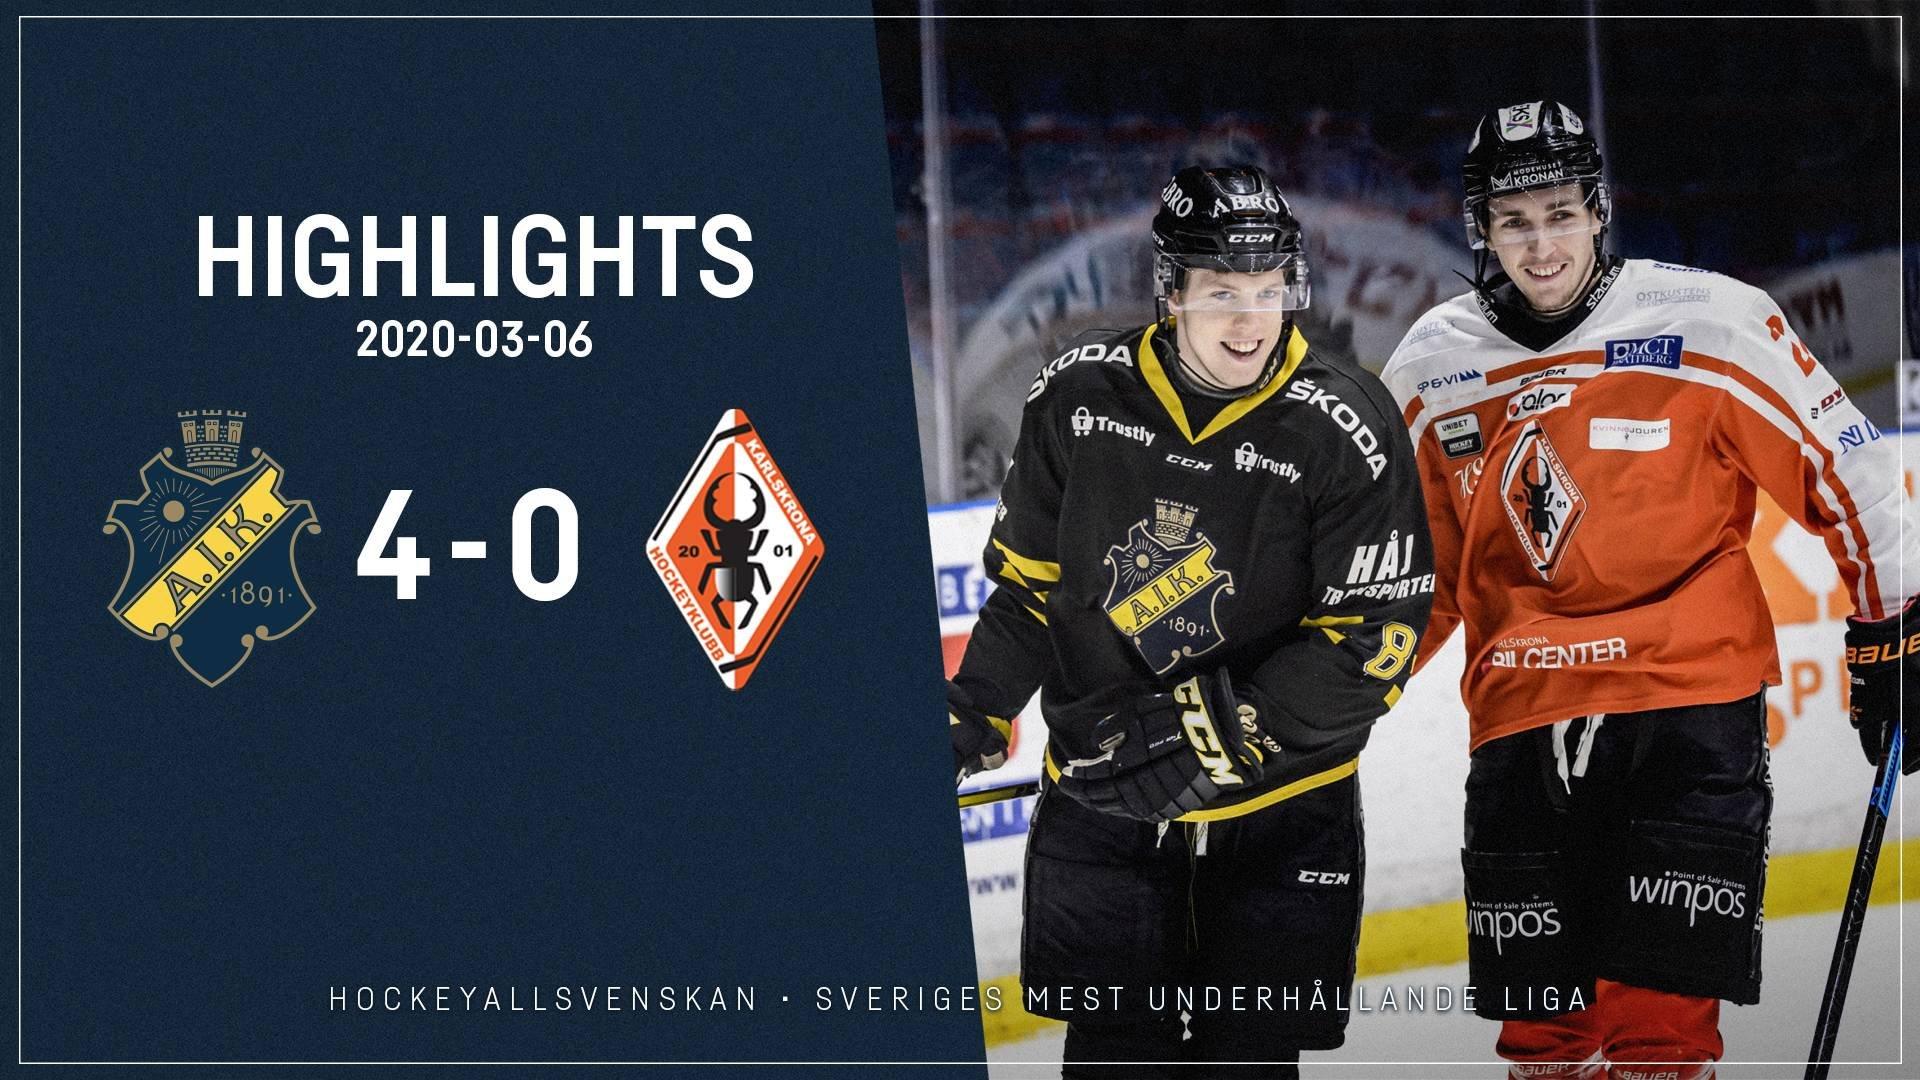 2020-03-06 AIK - Karlskrona 4-0